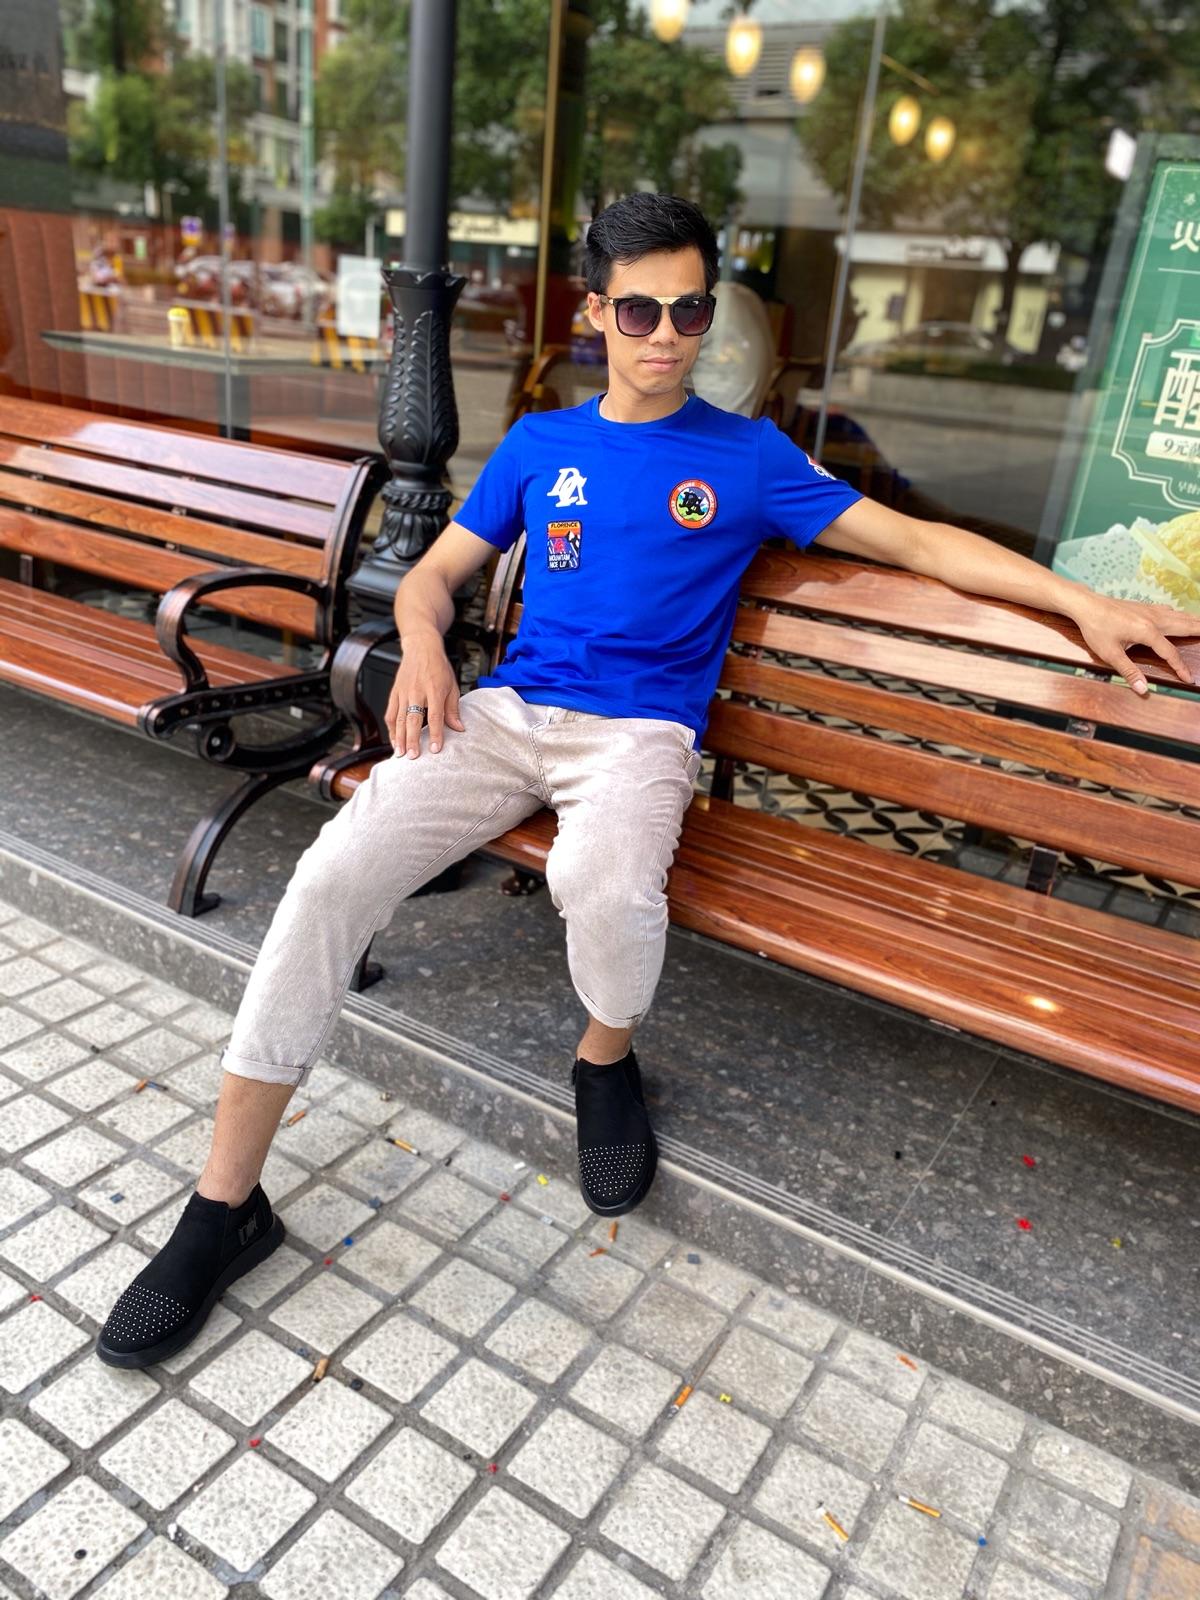 蓝色新款棉毛布2020年青春流行品牌LOGO刺绣印花时尚潮流个性T恤